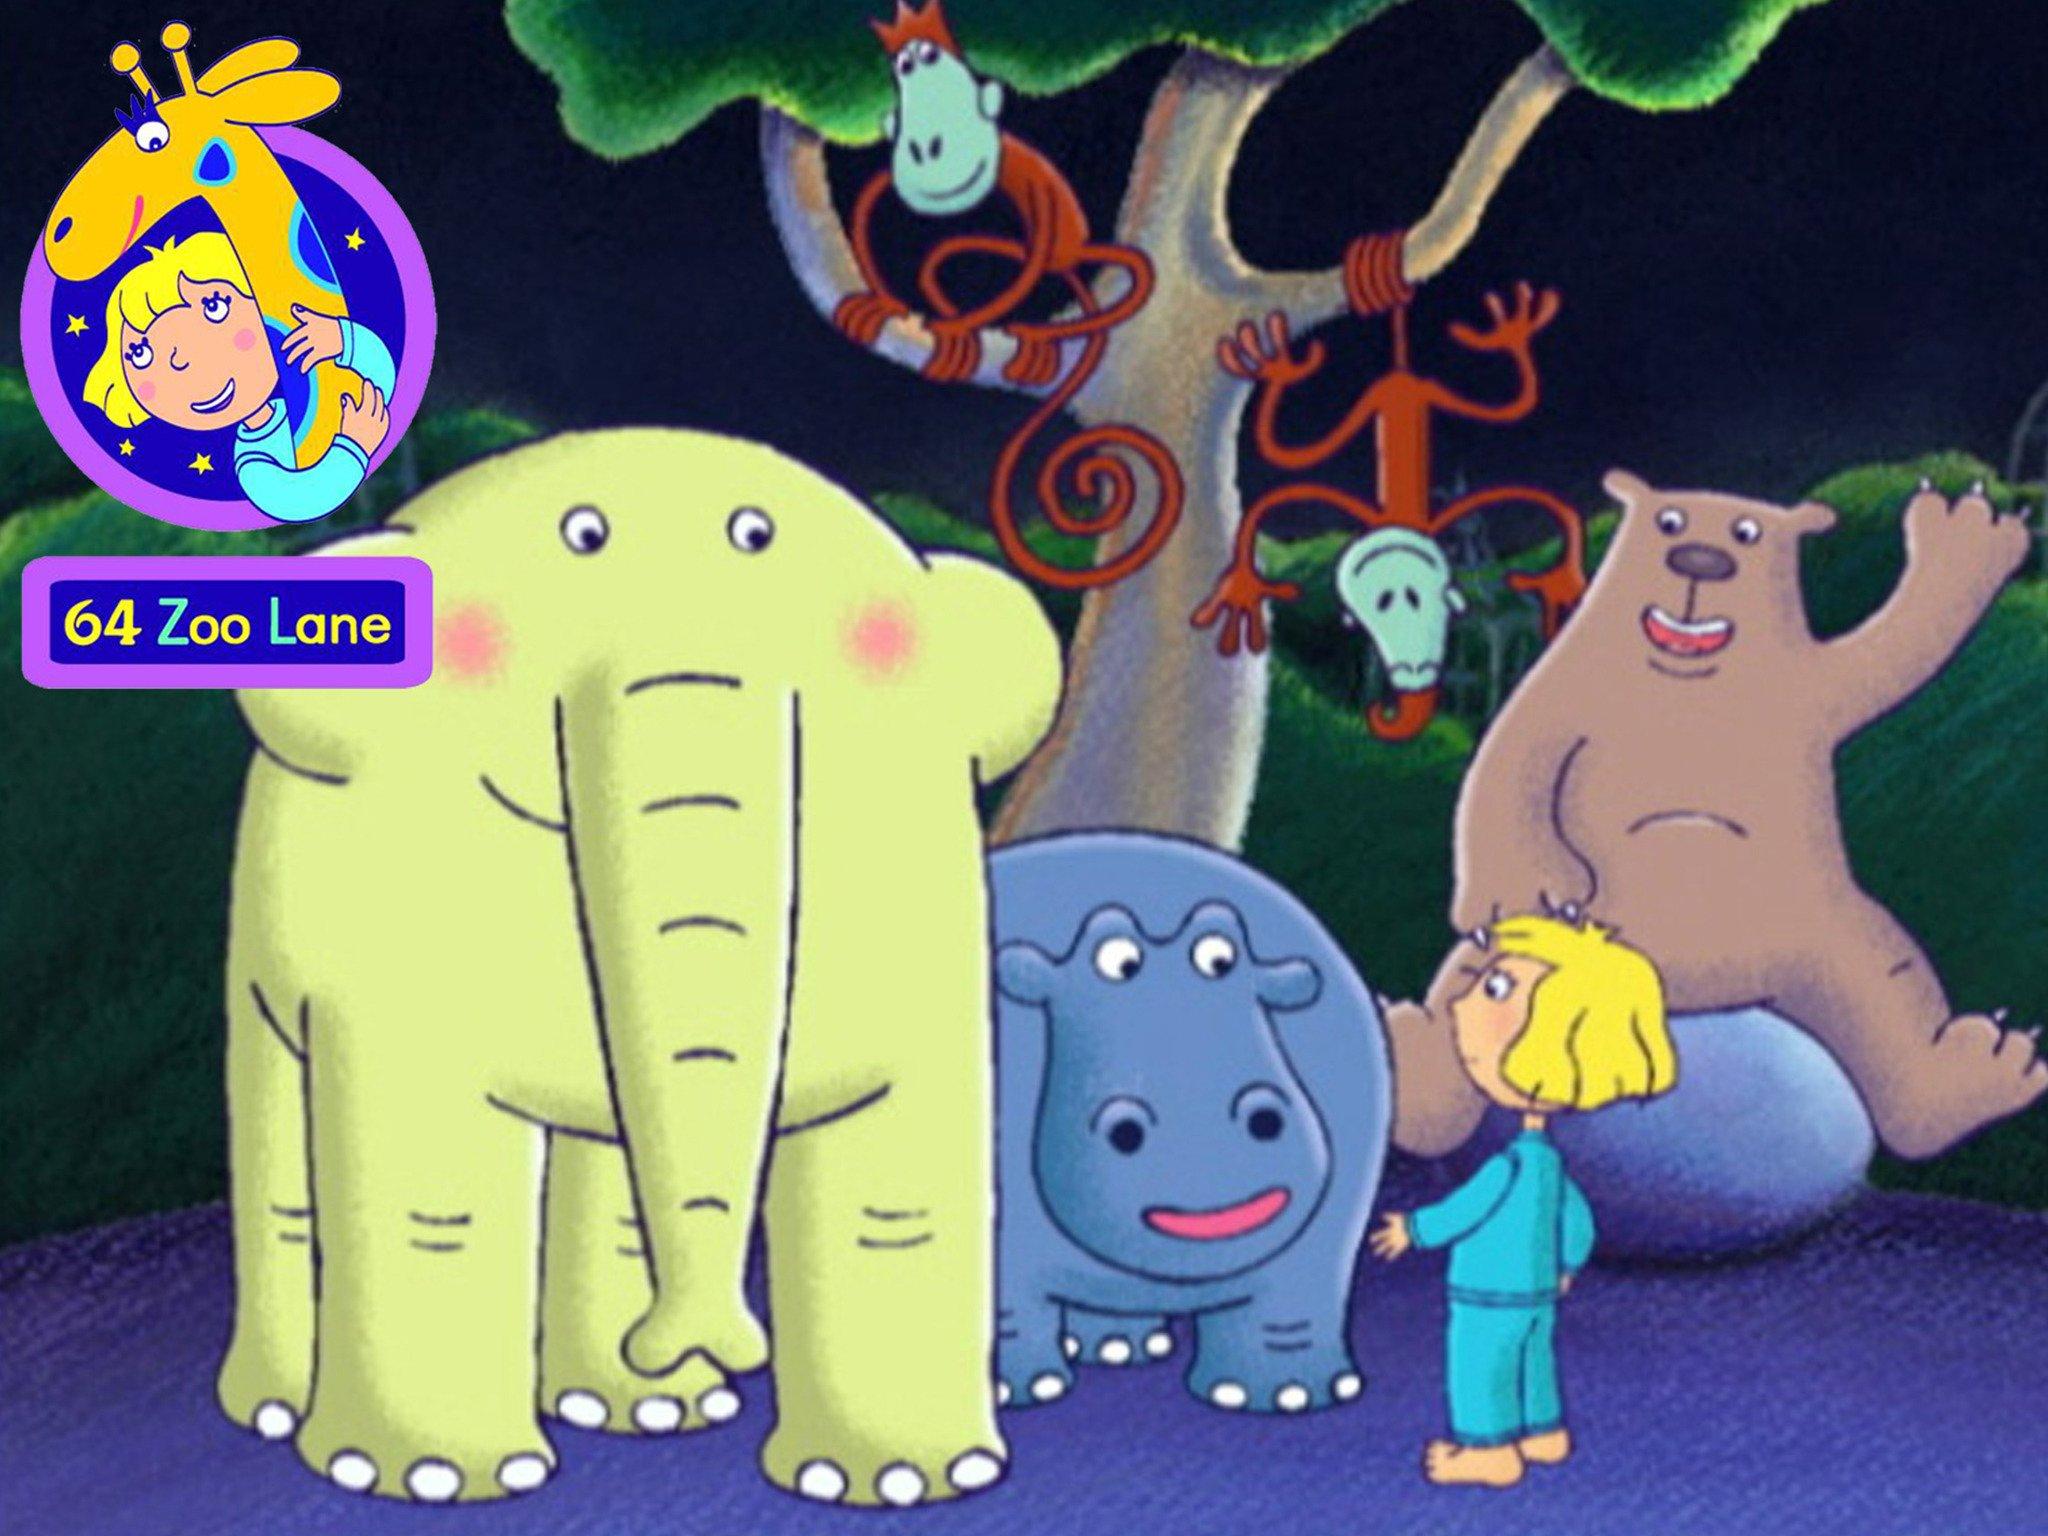 动物街64号 64 zoo lane动画(BBC系列)